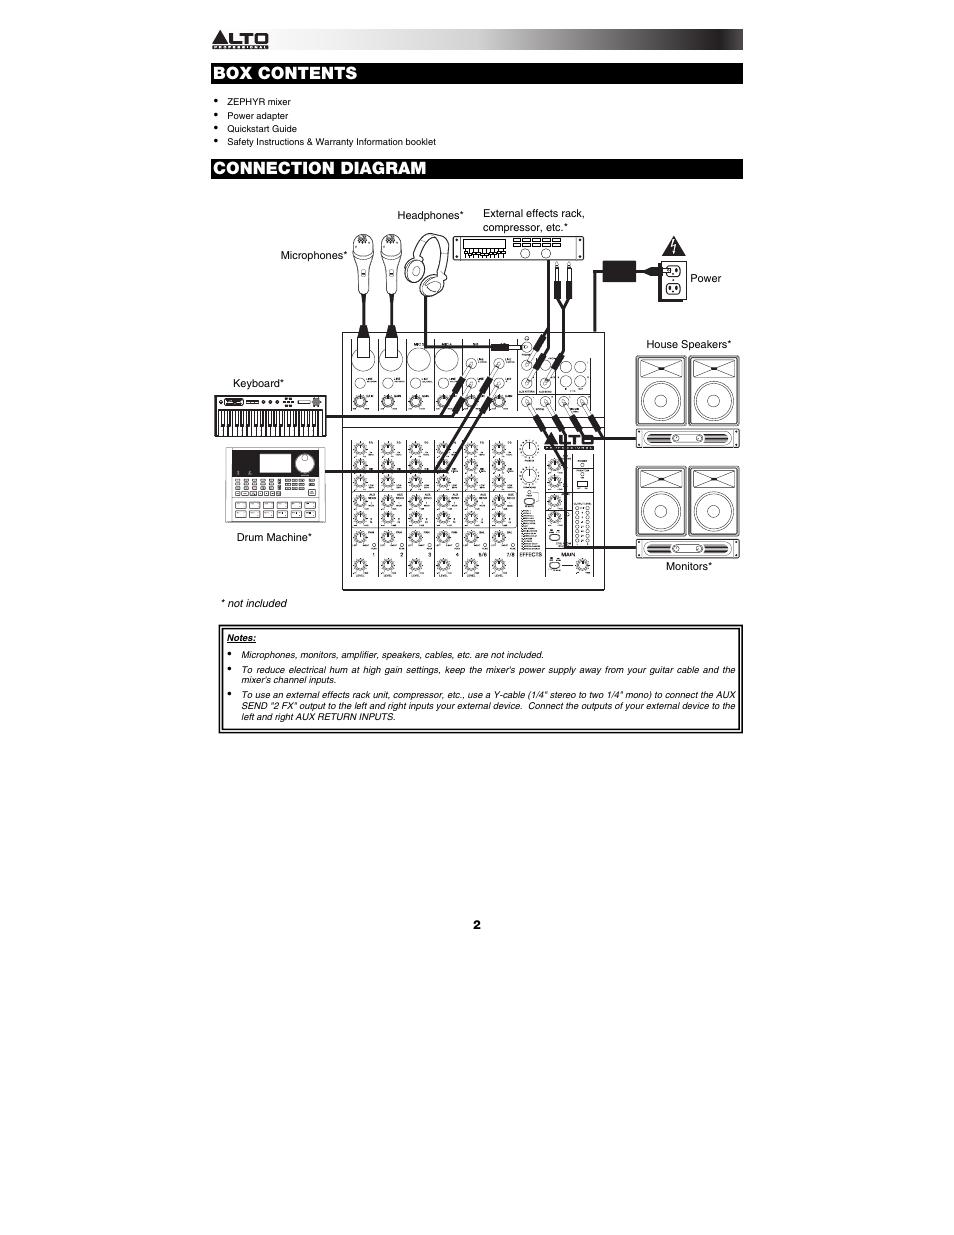 Box Contents  Connection Diagram